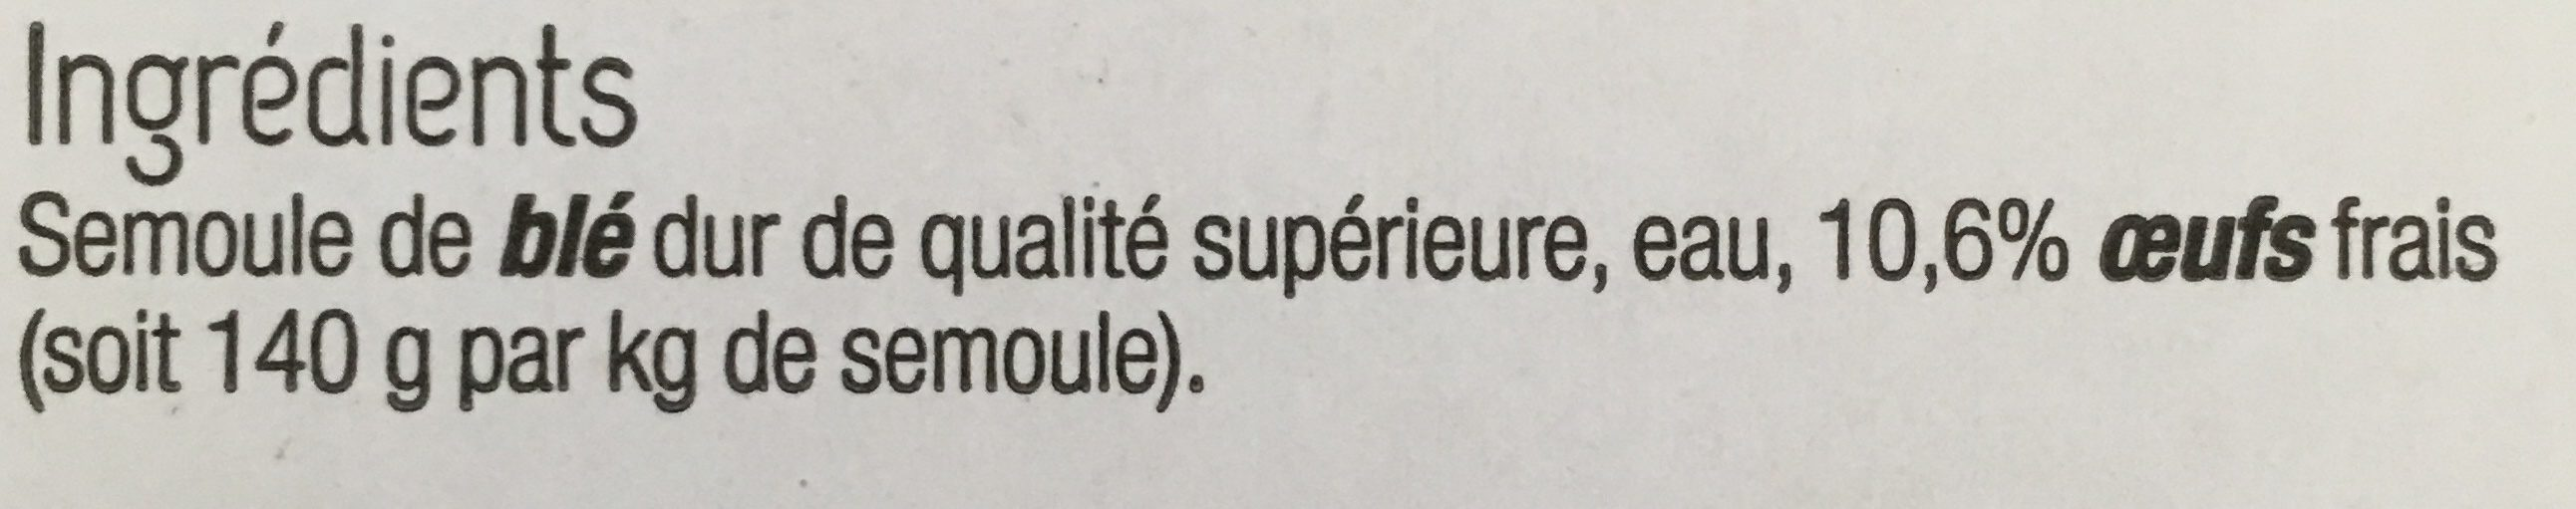 Pâtes Fraîches - Ingrédients